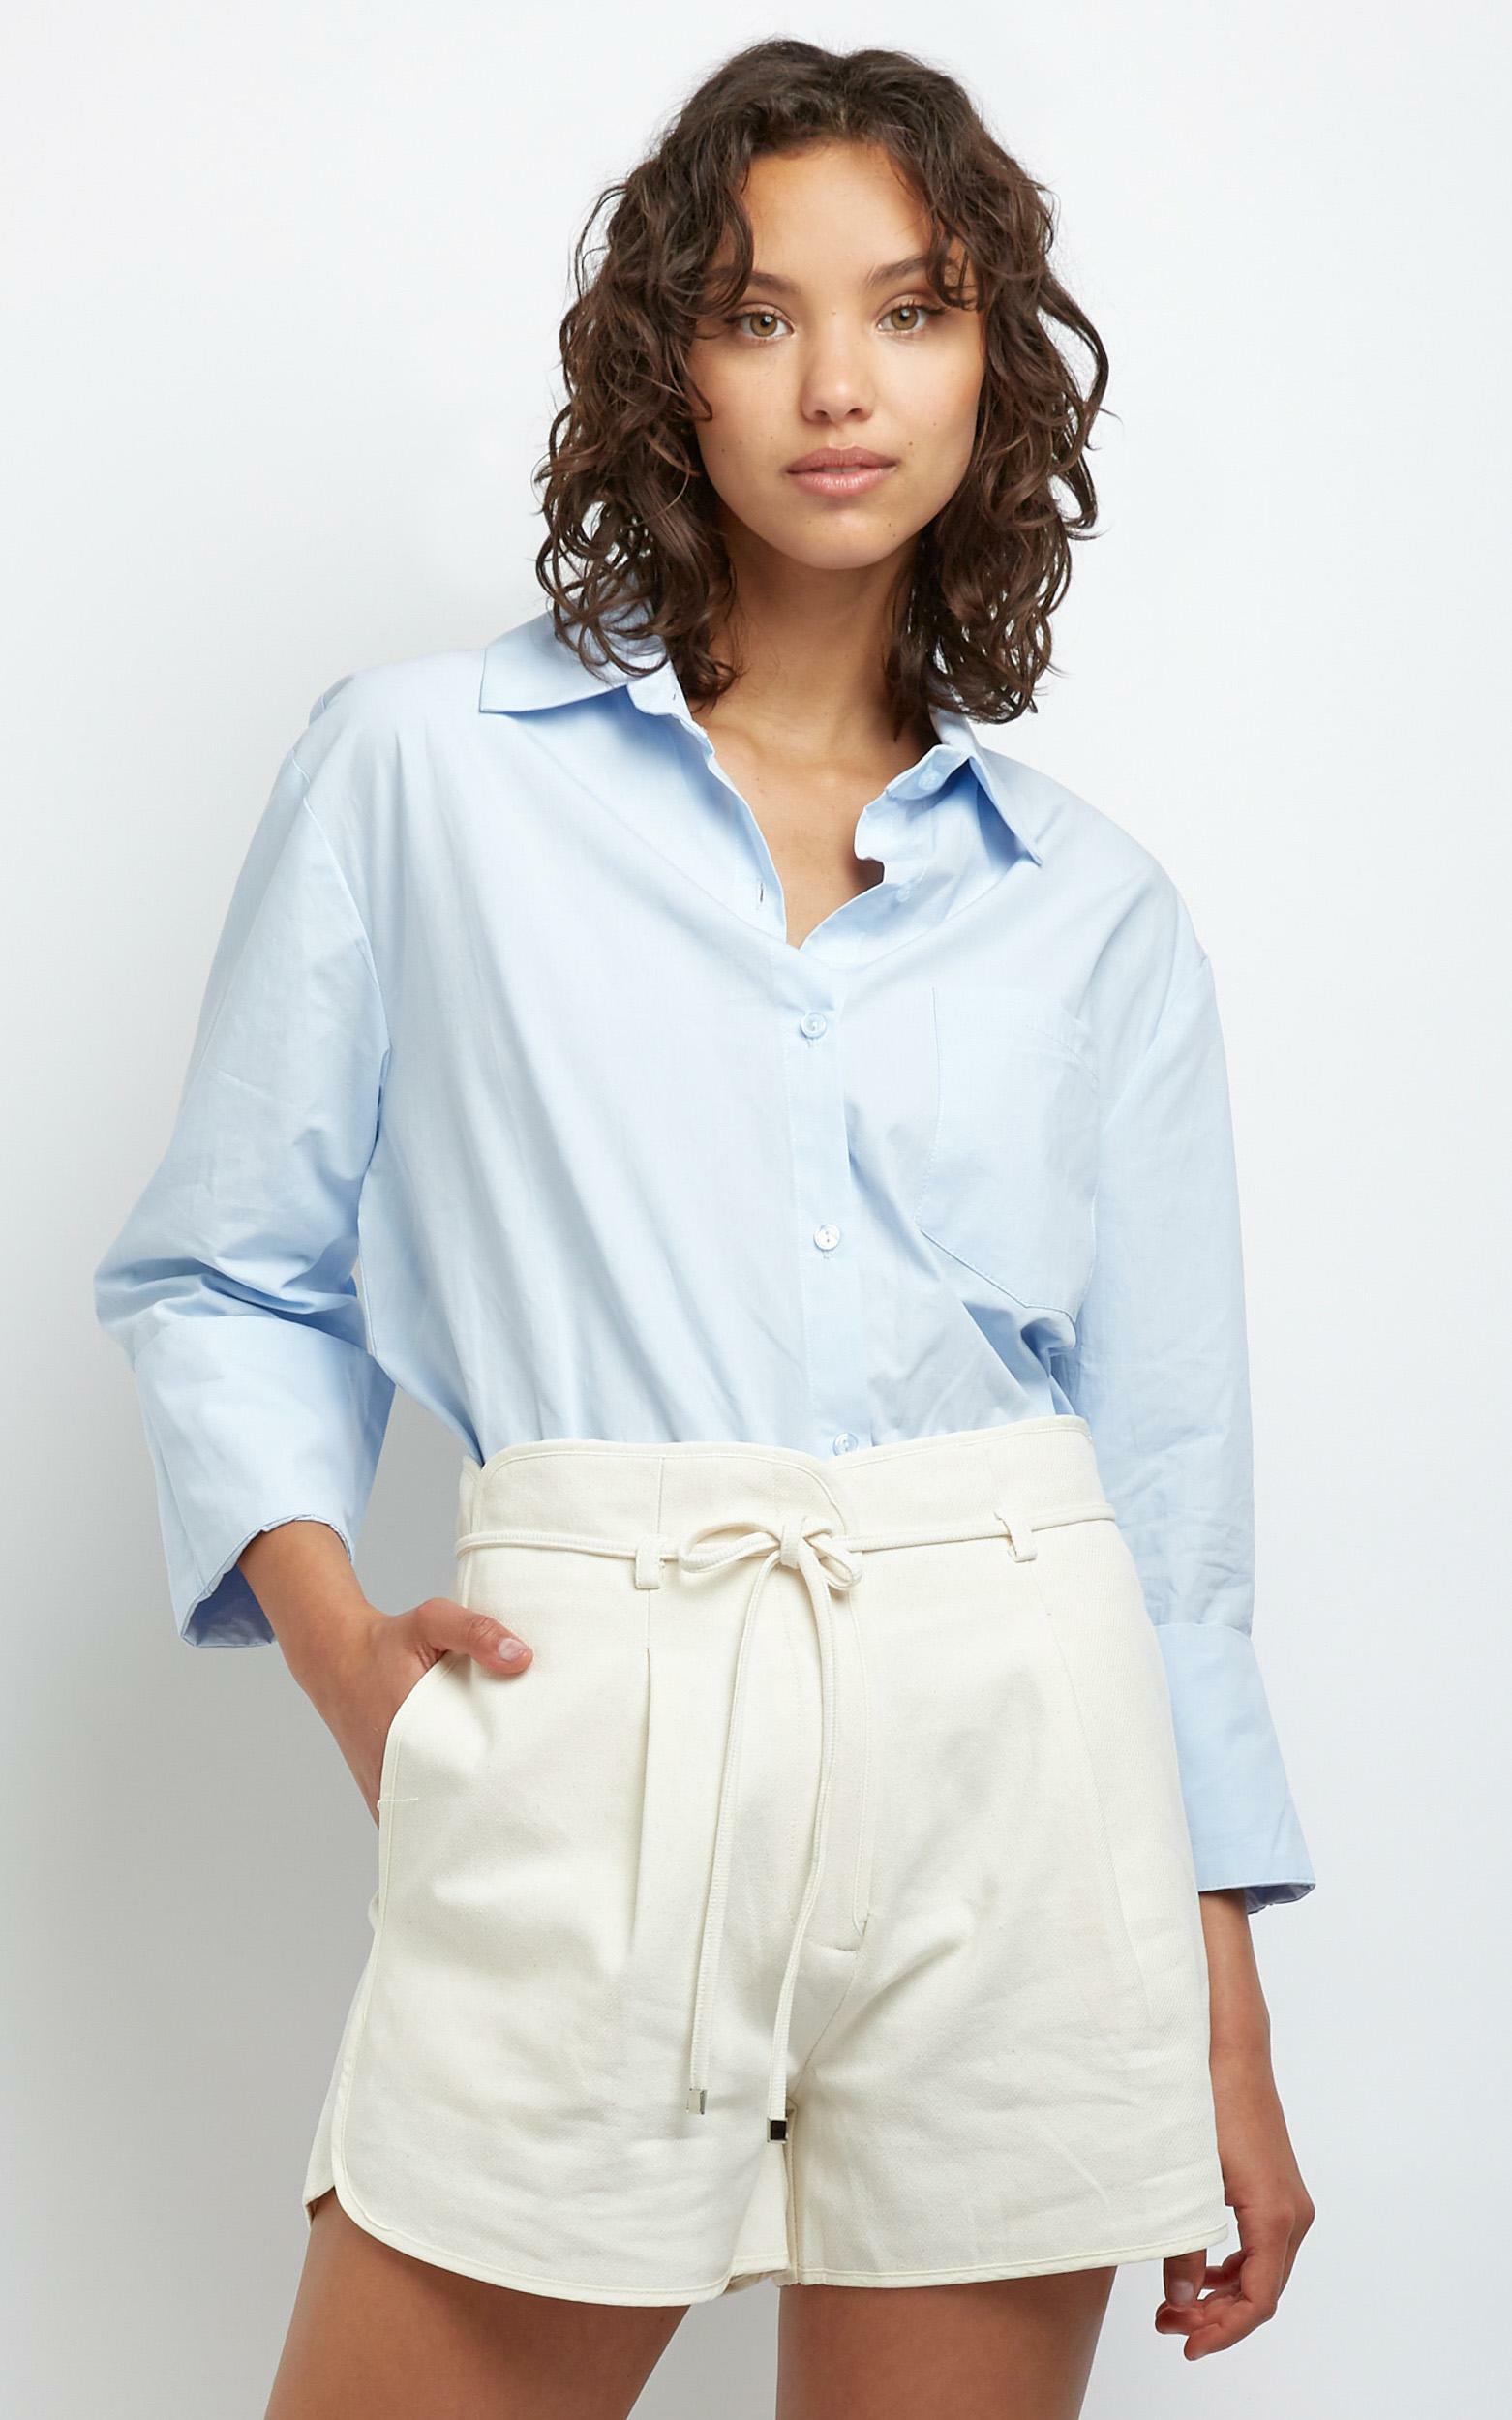 Kinsey Shirt in Blue - M/L, Blue, hi-res image number null